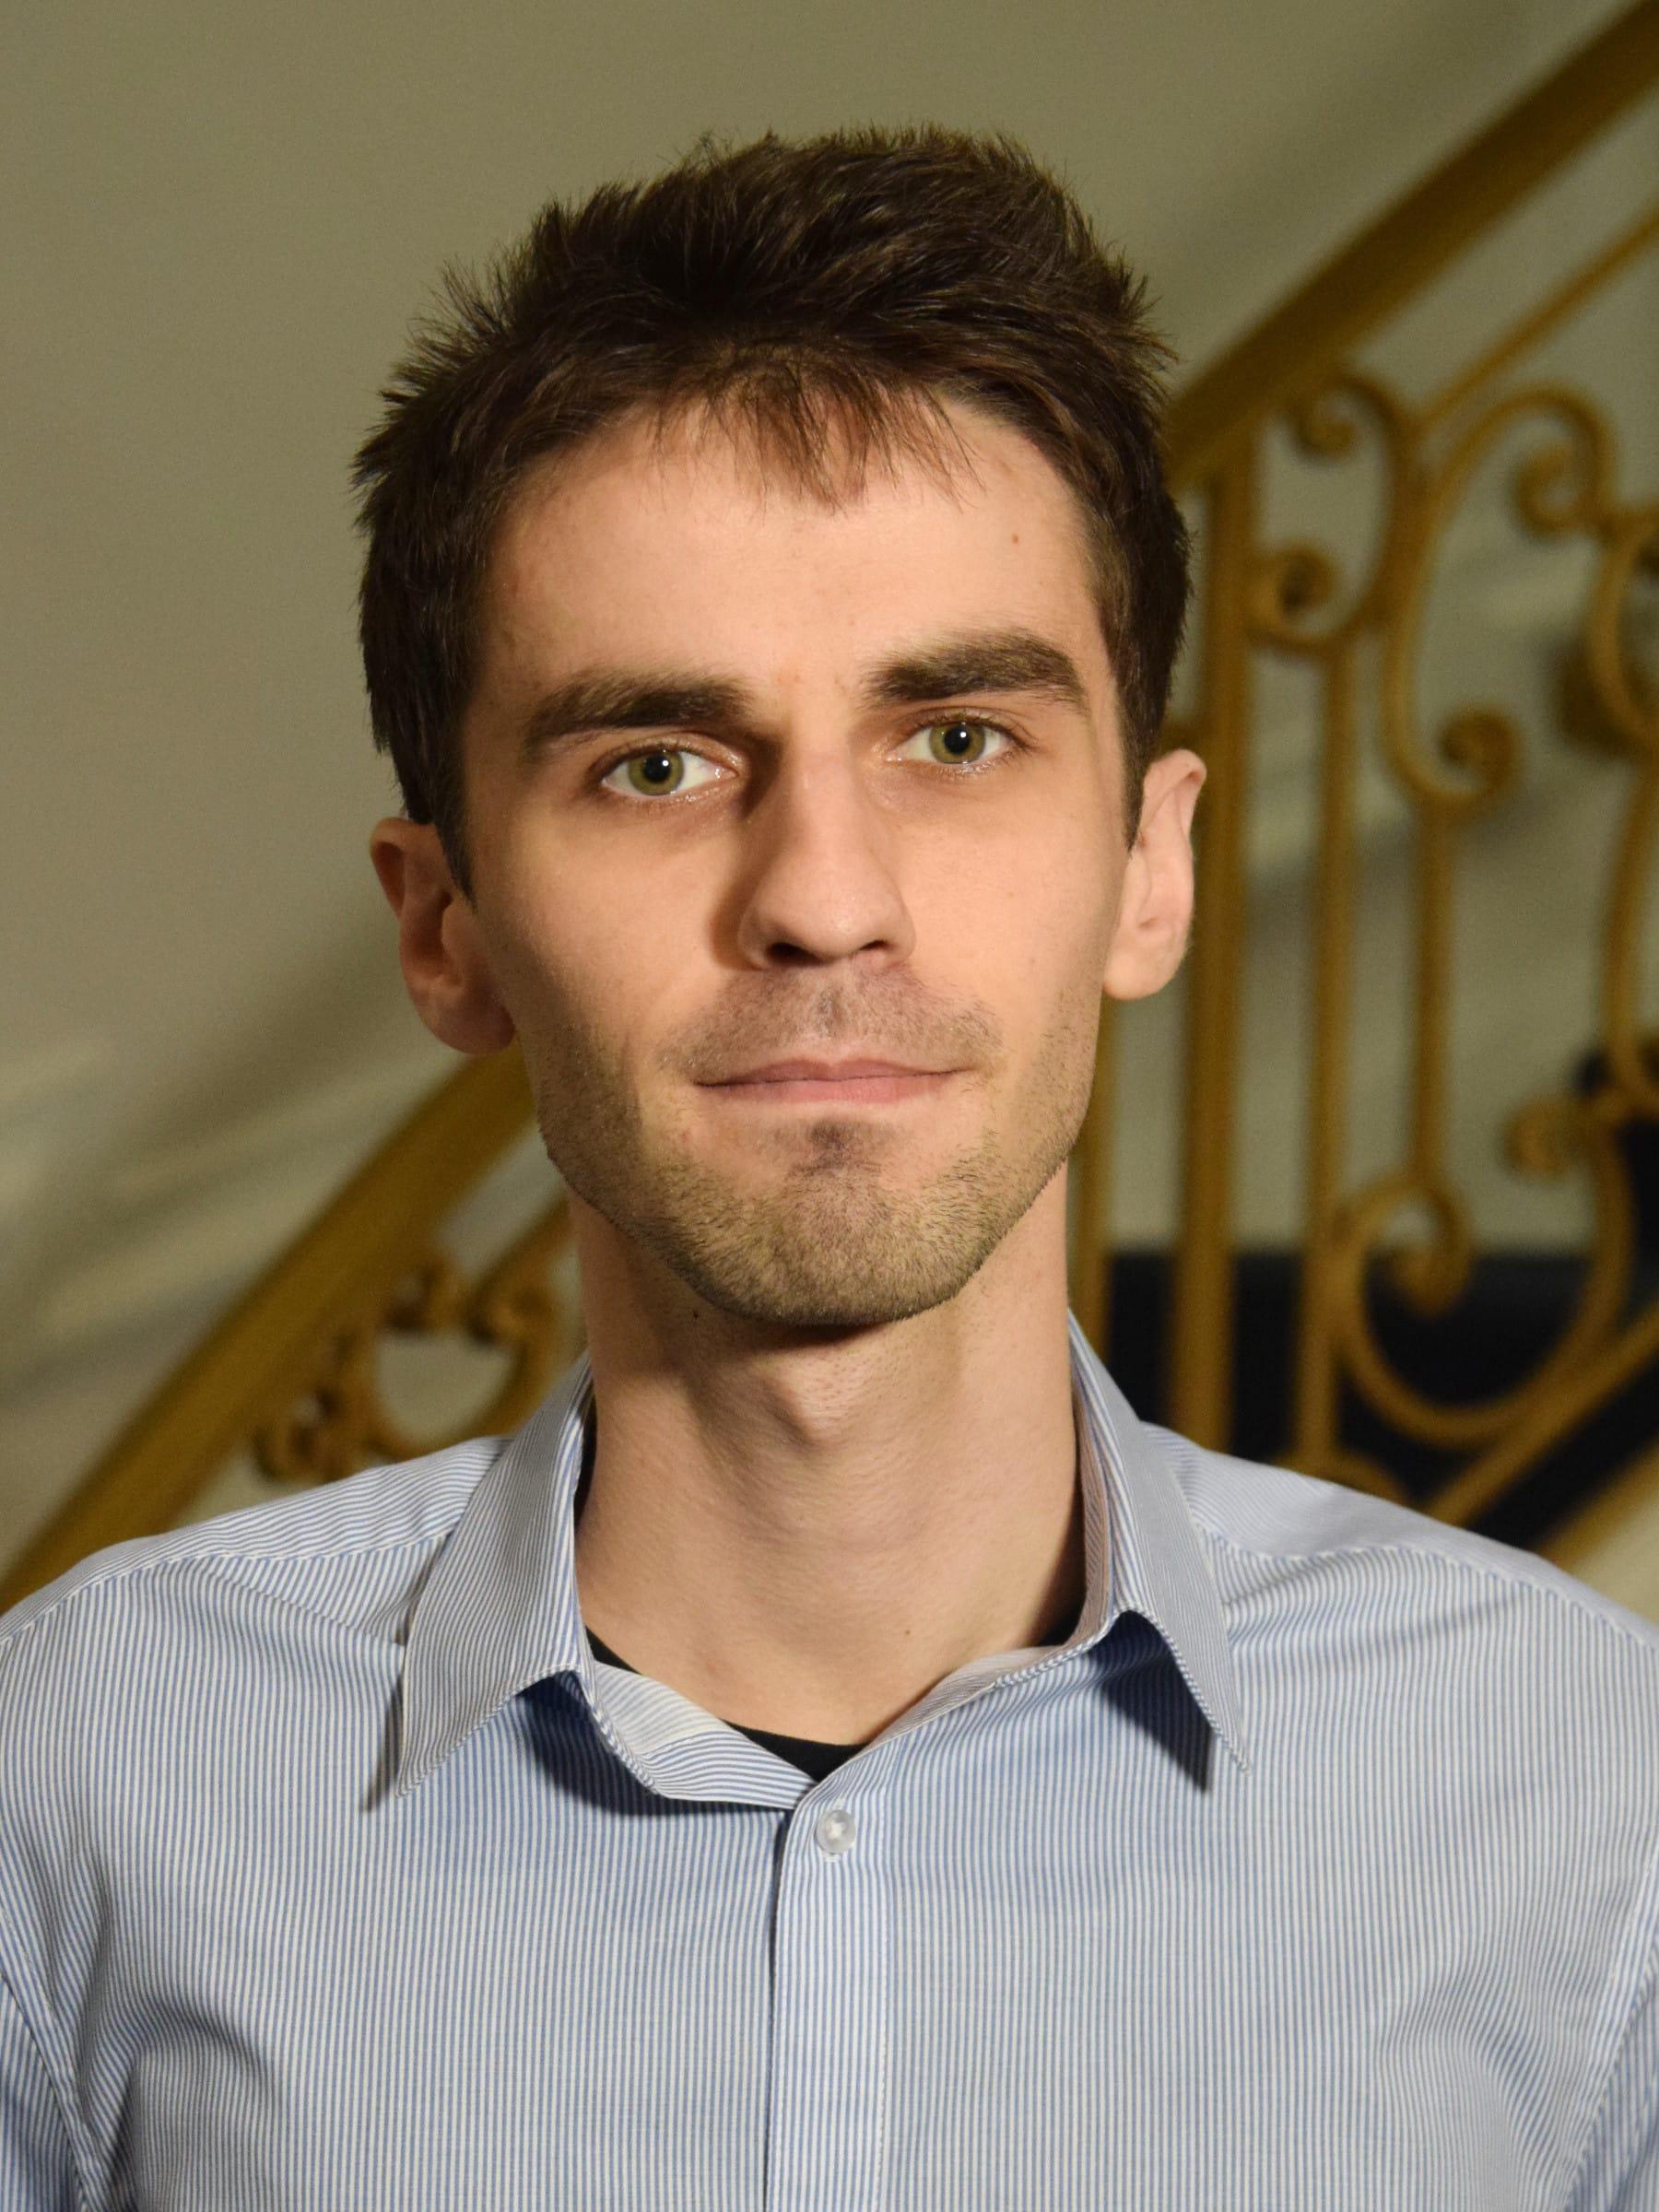 Etienne Franchi